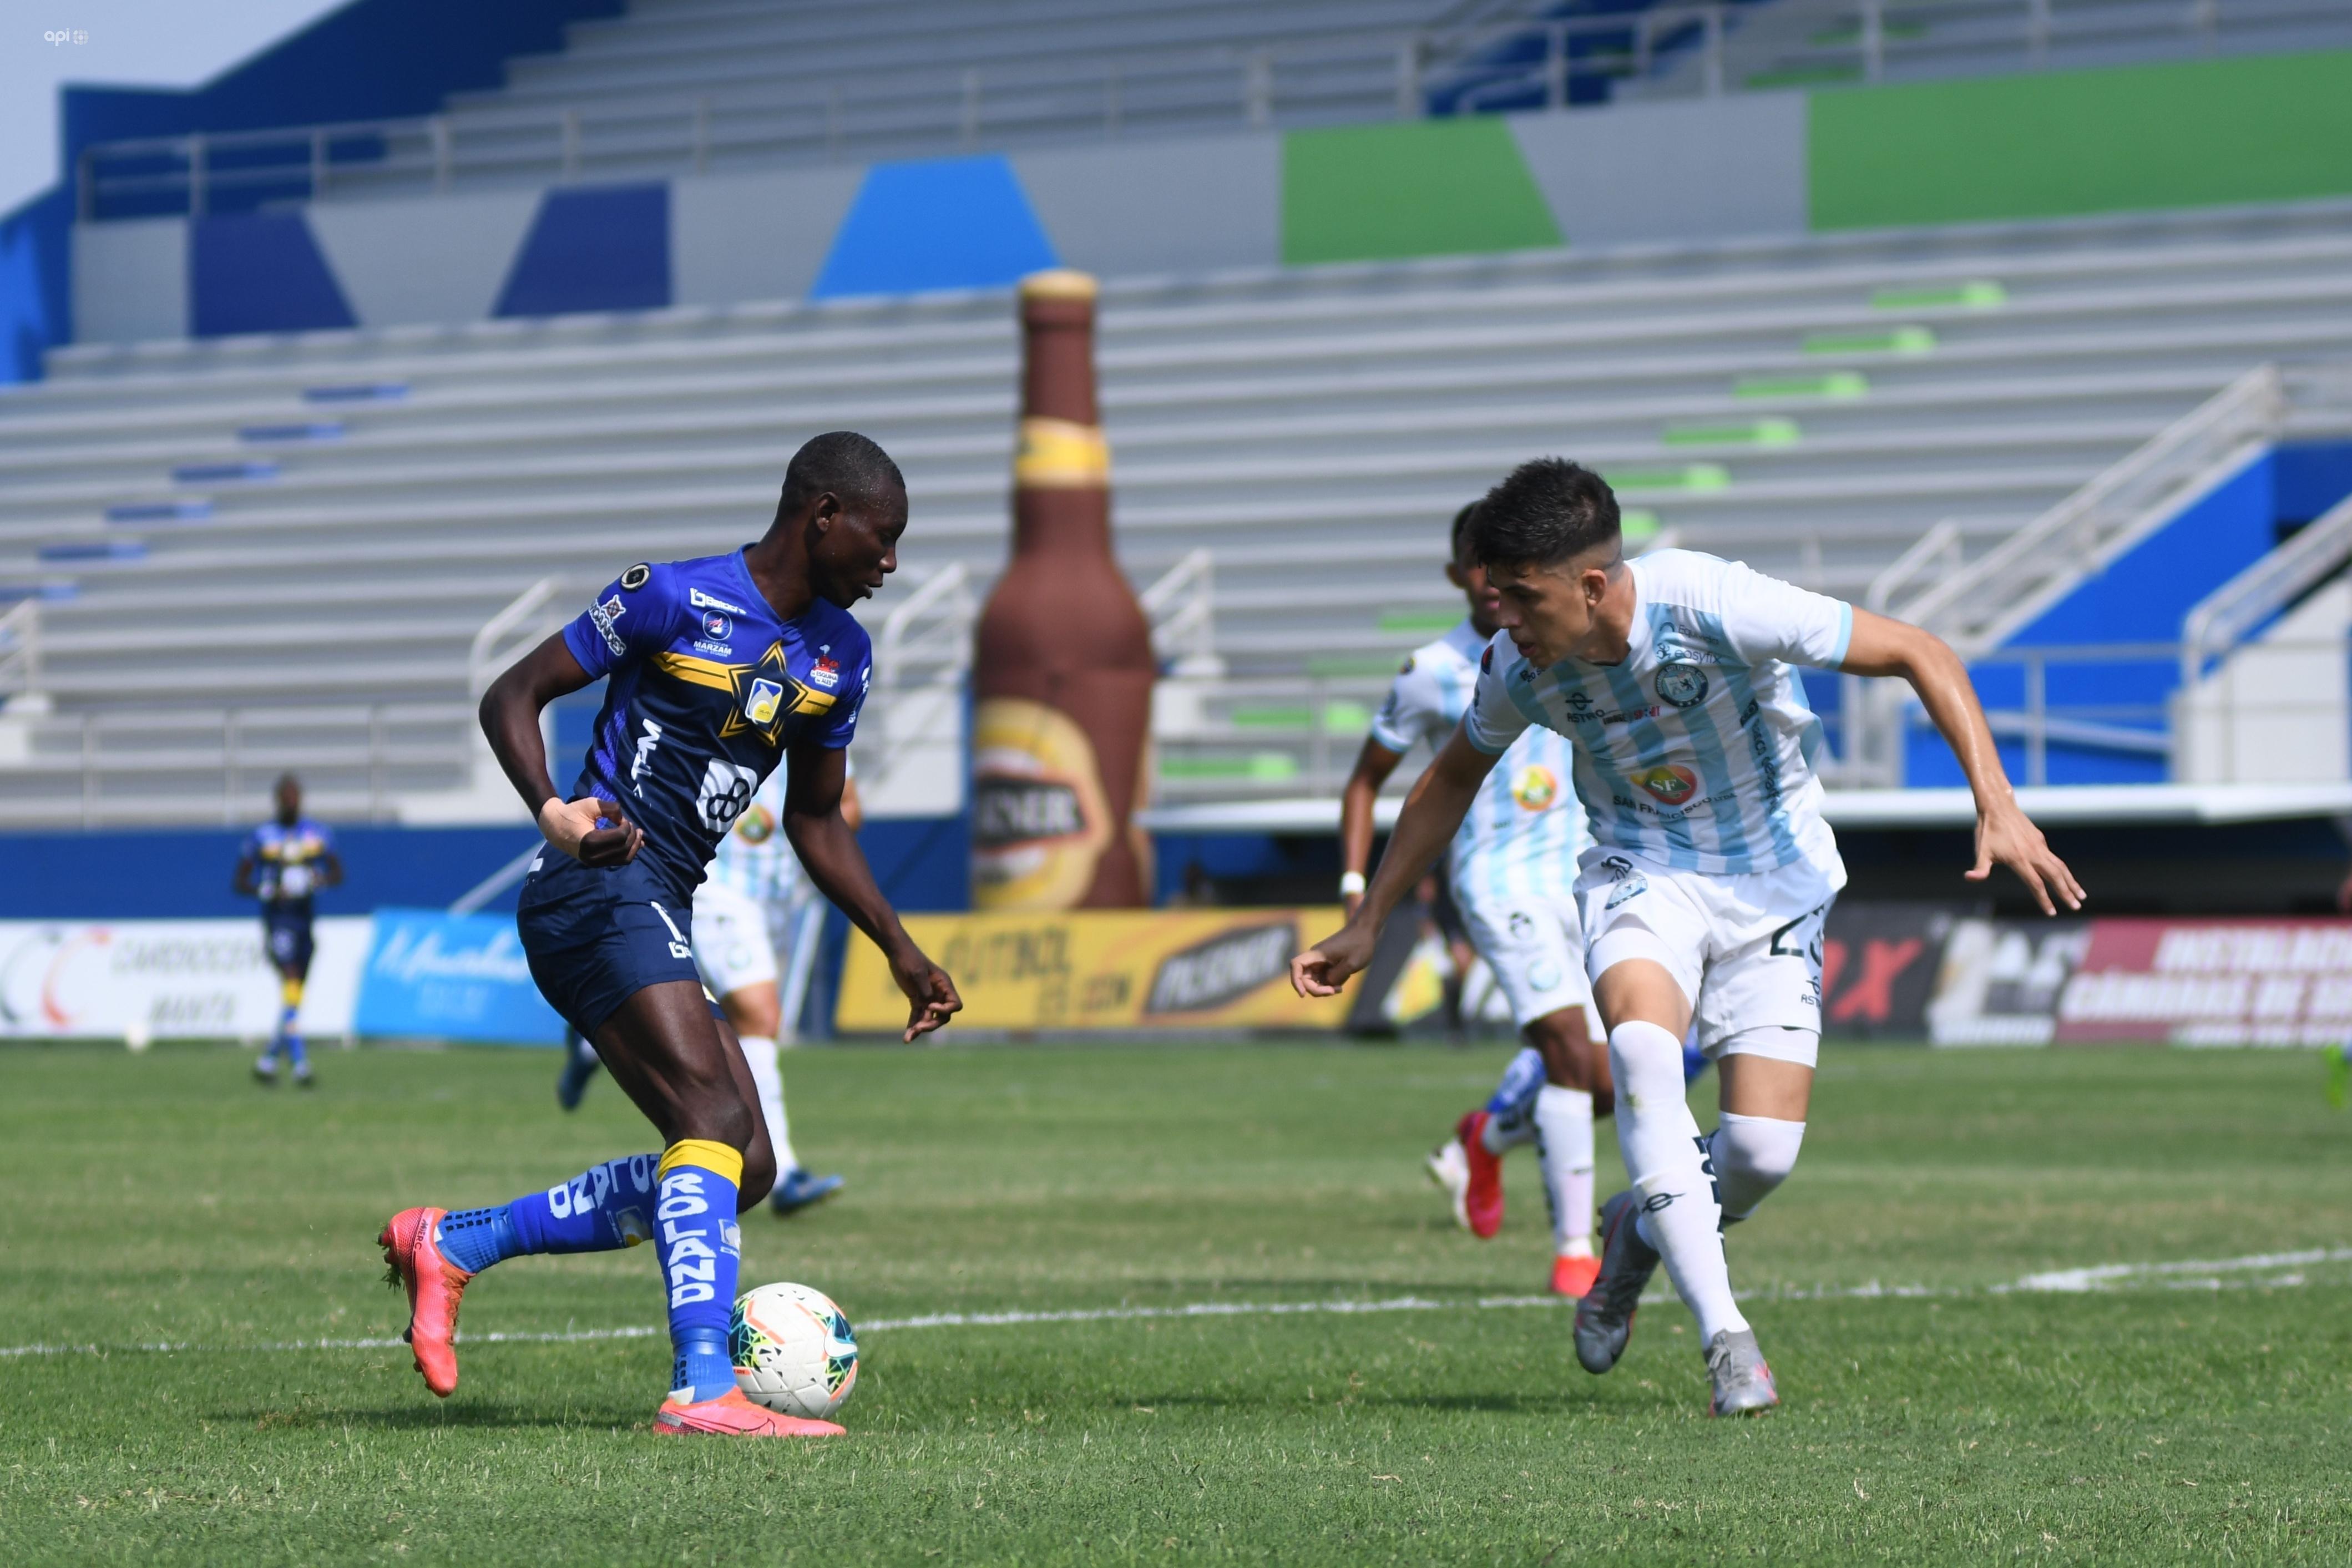 Luca Sosa analizó el partido contra Liga de Quito y la misión de sumar tres puntos en casa